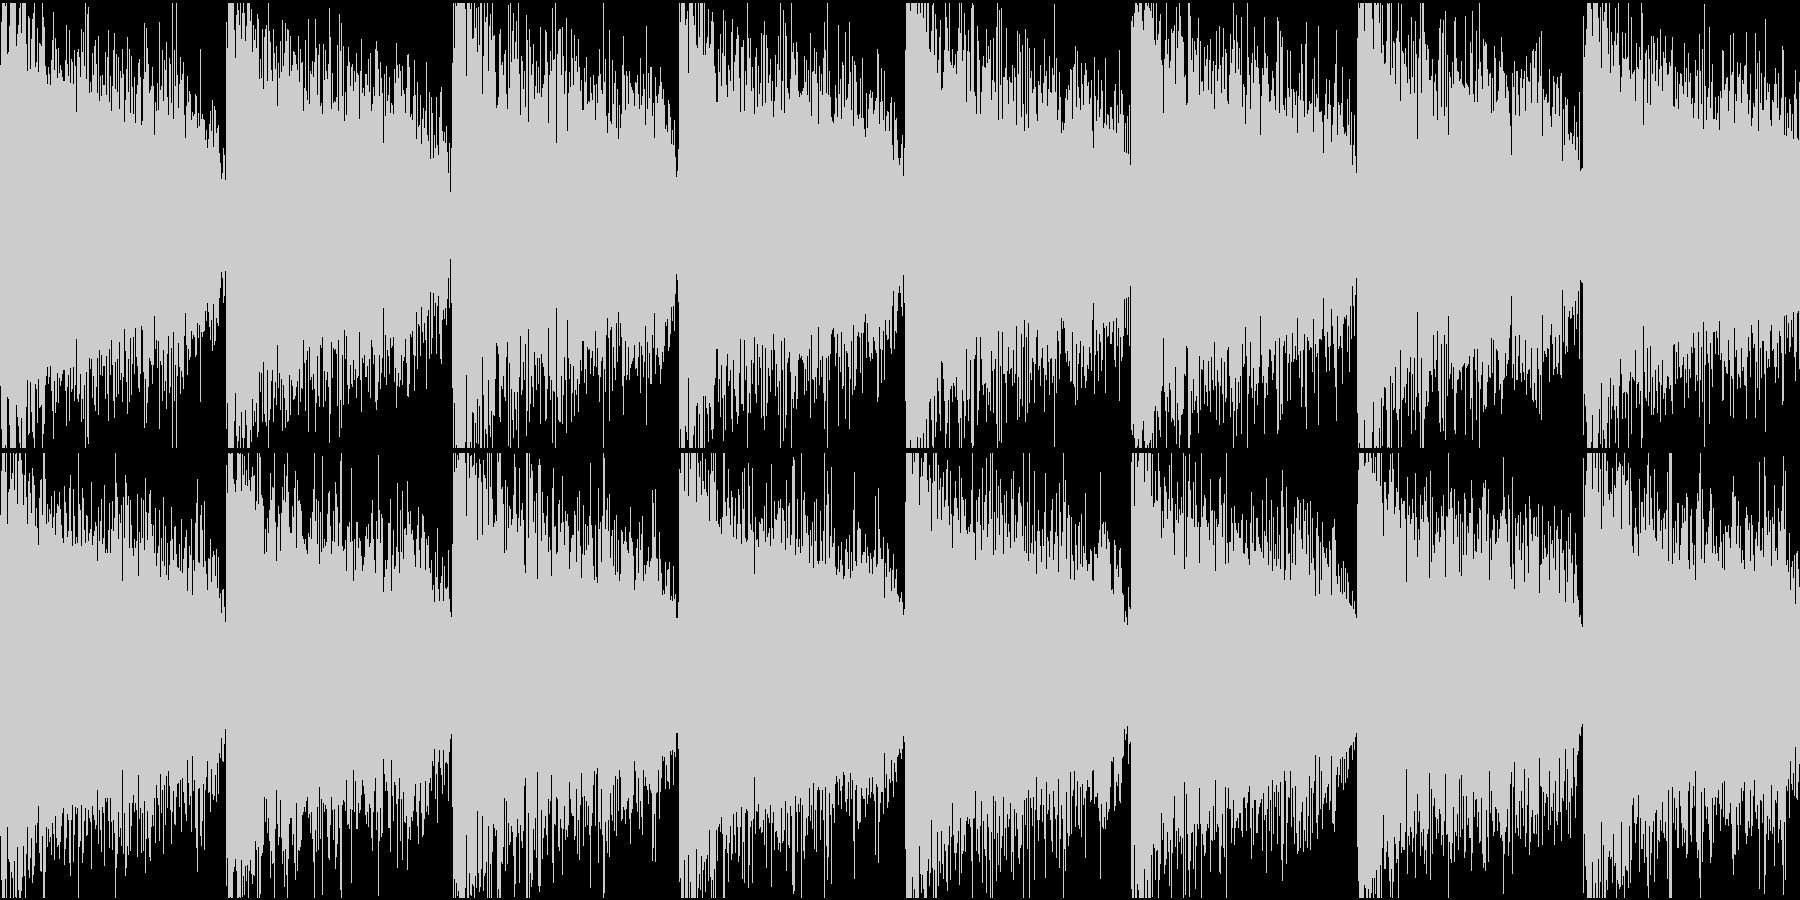 サイレン 緊急 防災 アラーム 警報 5の未再生の波形